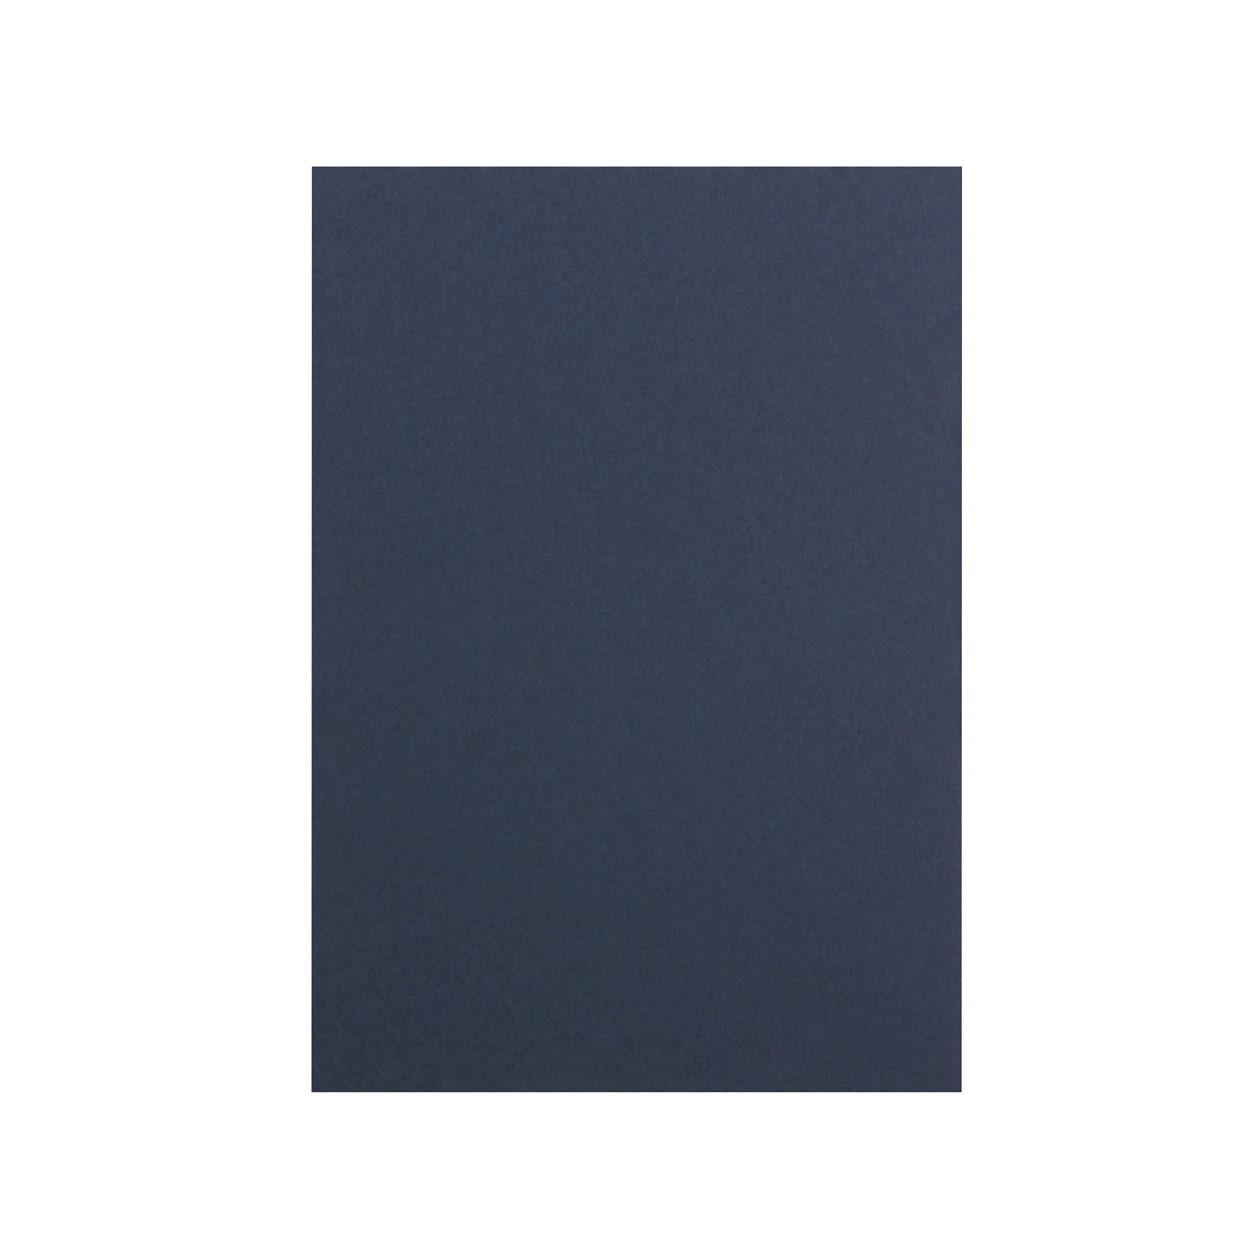 Pカード コットン(NTラシャ) あい 244.3g